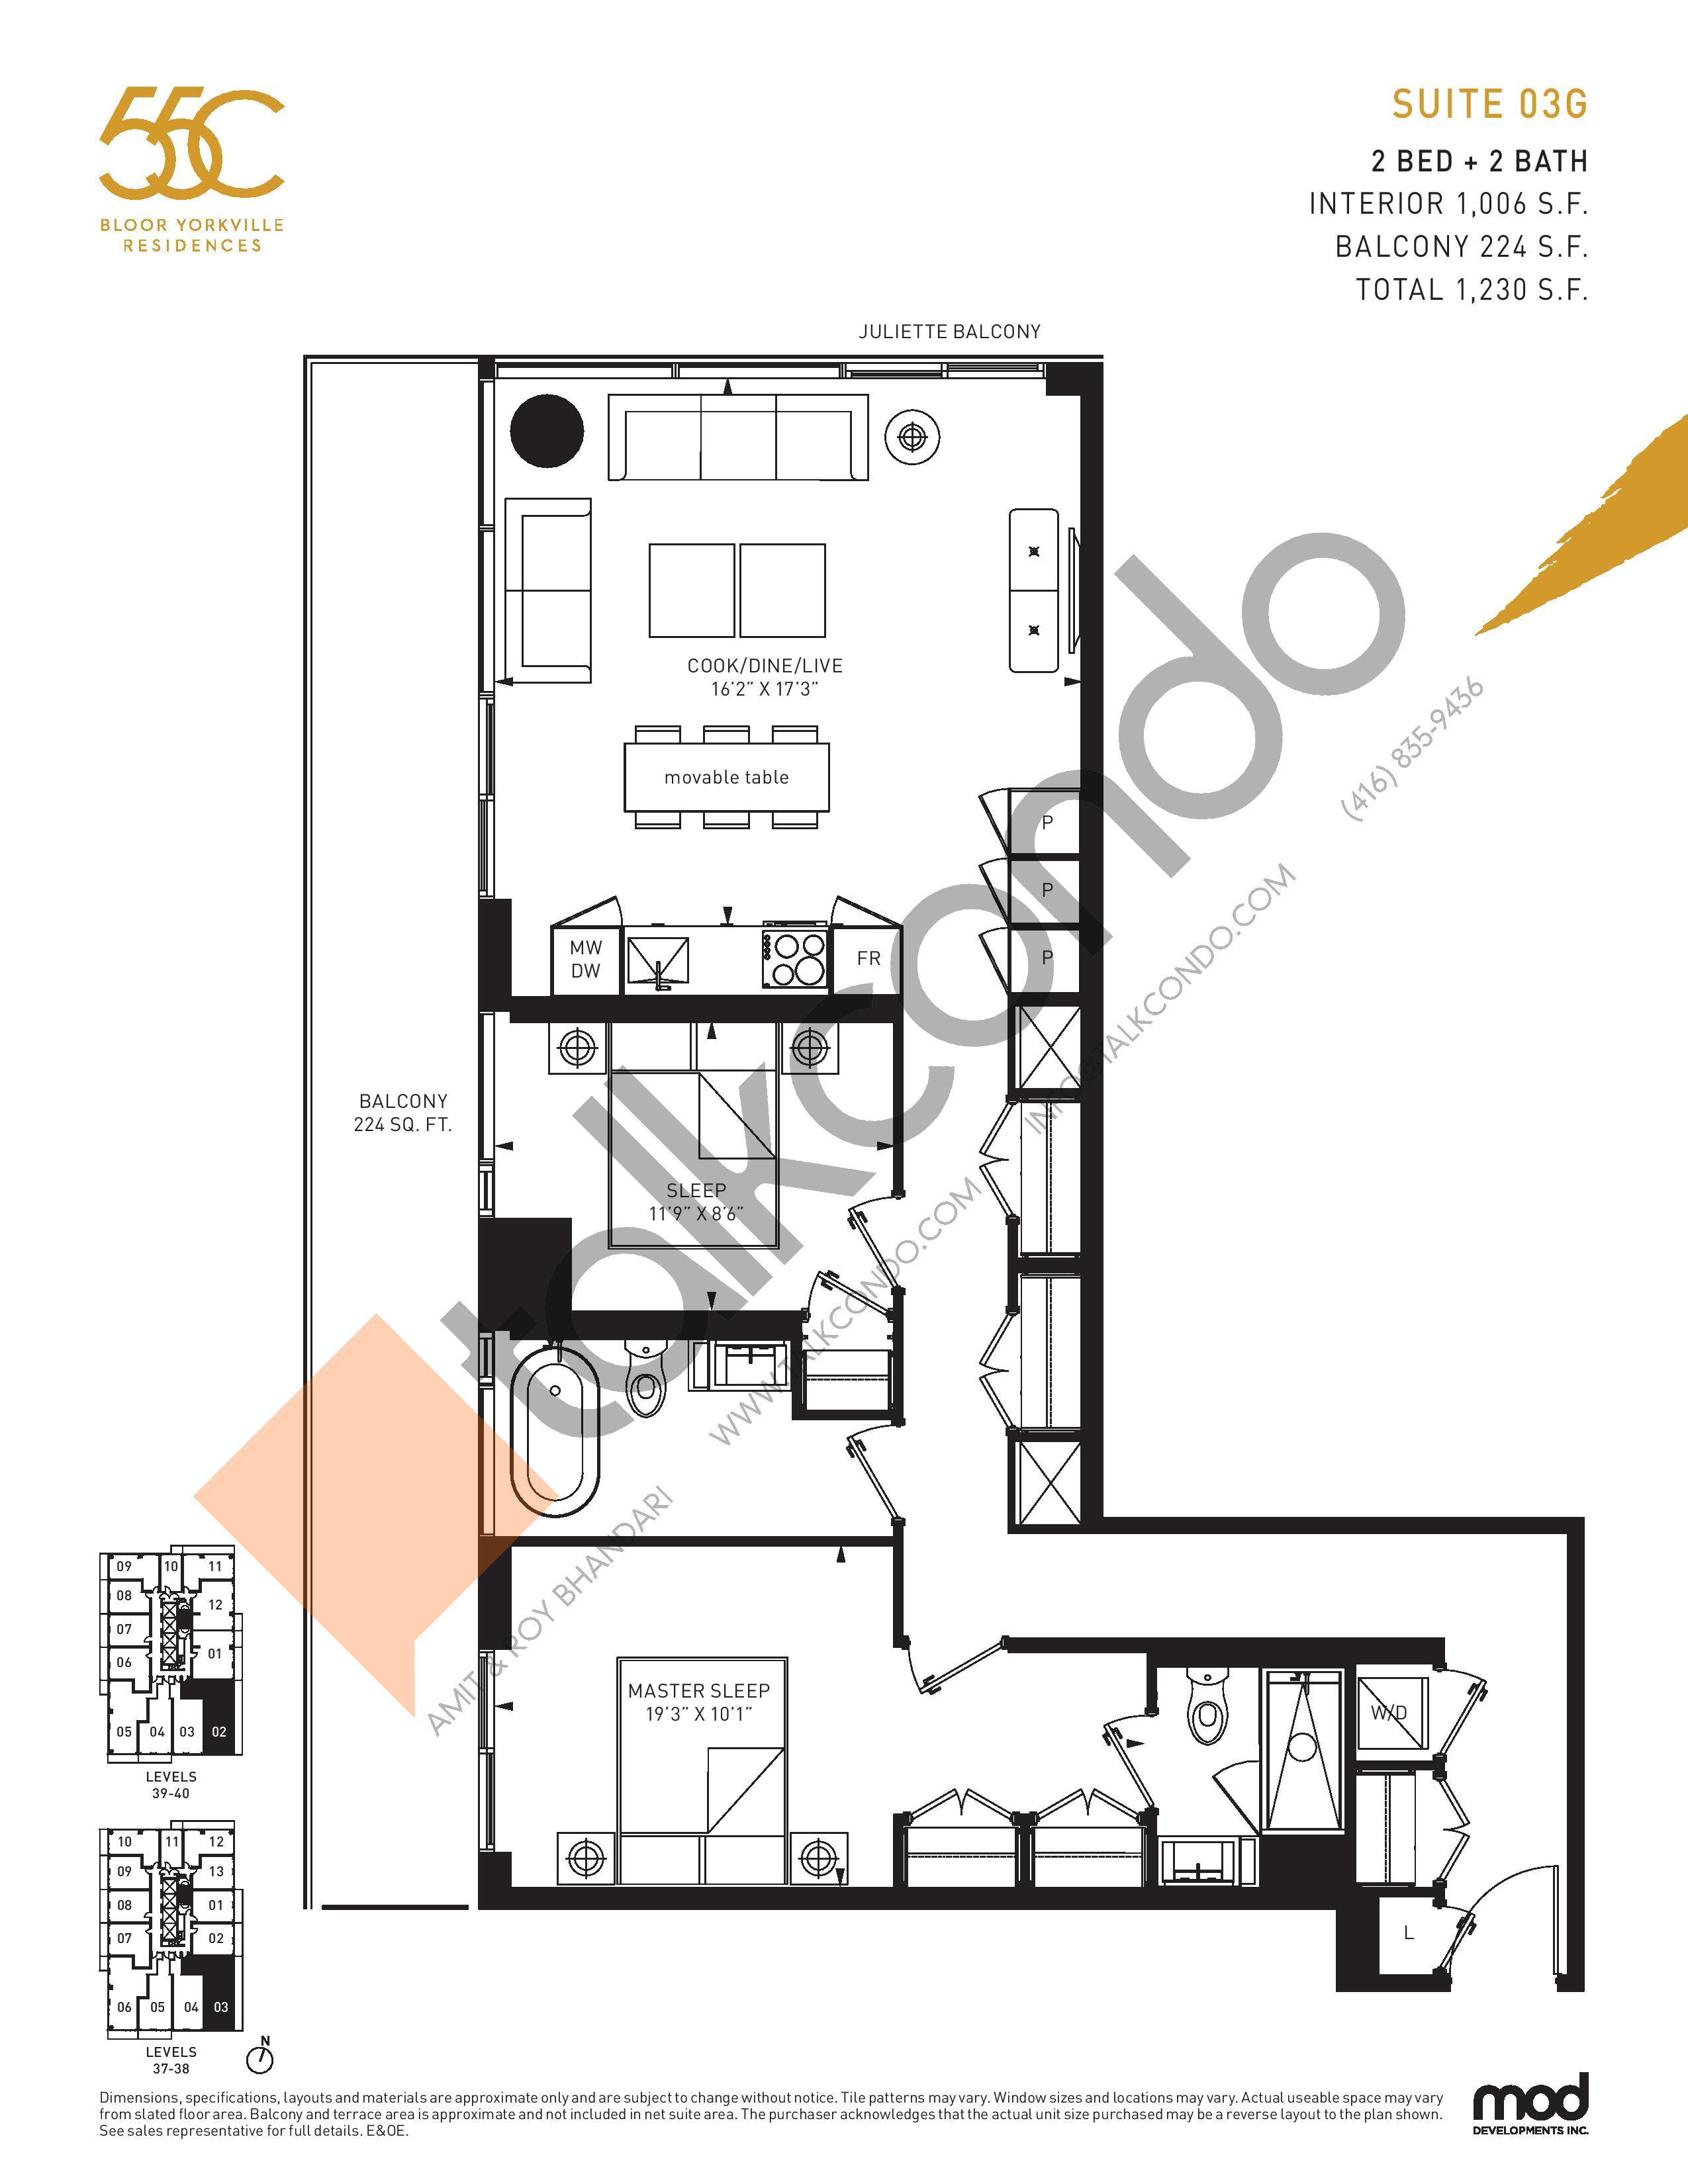 Suite 03G Floor Plan at 55C Condos - 1006 sq.ft